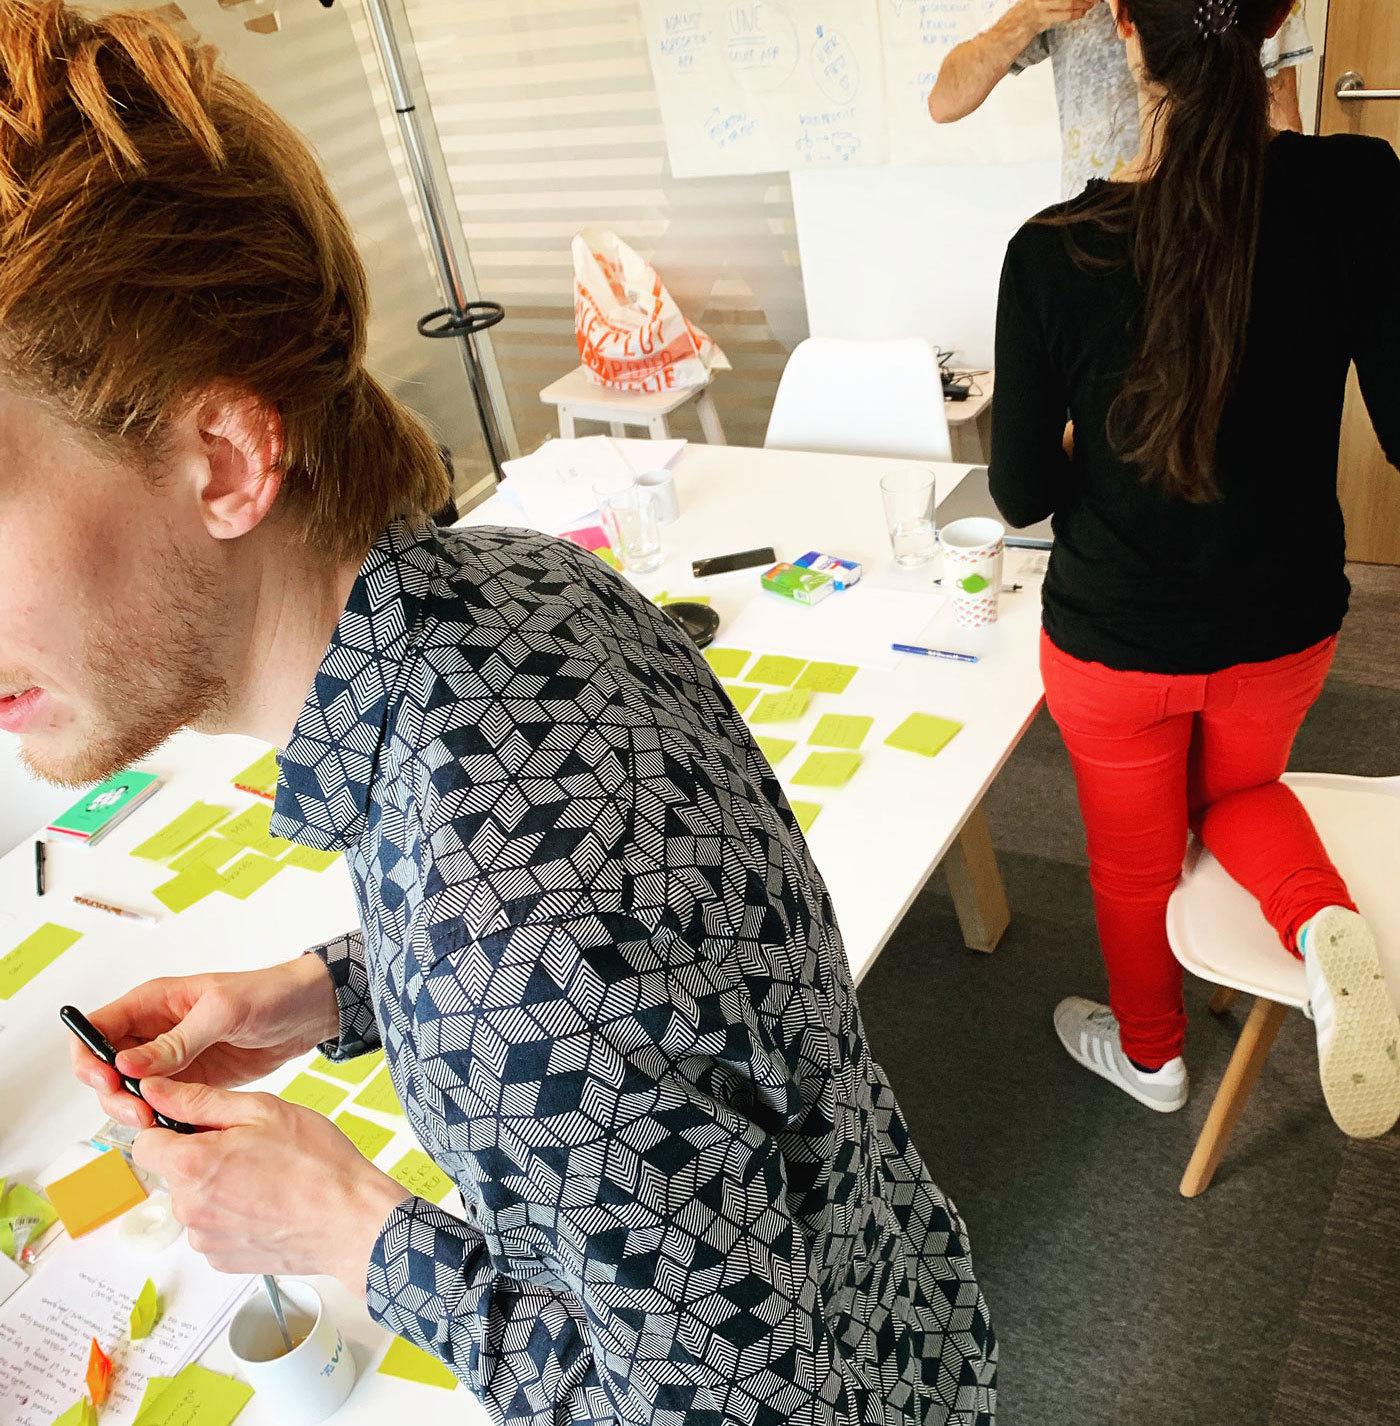 Vulog Nice Workshop Uxdesign